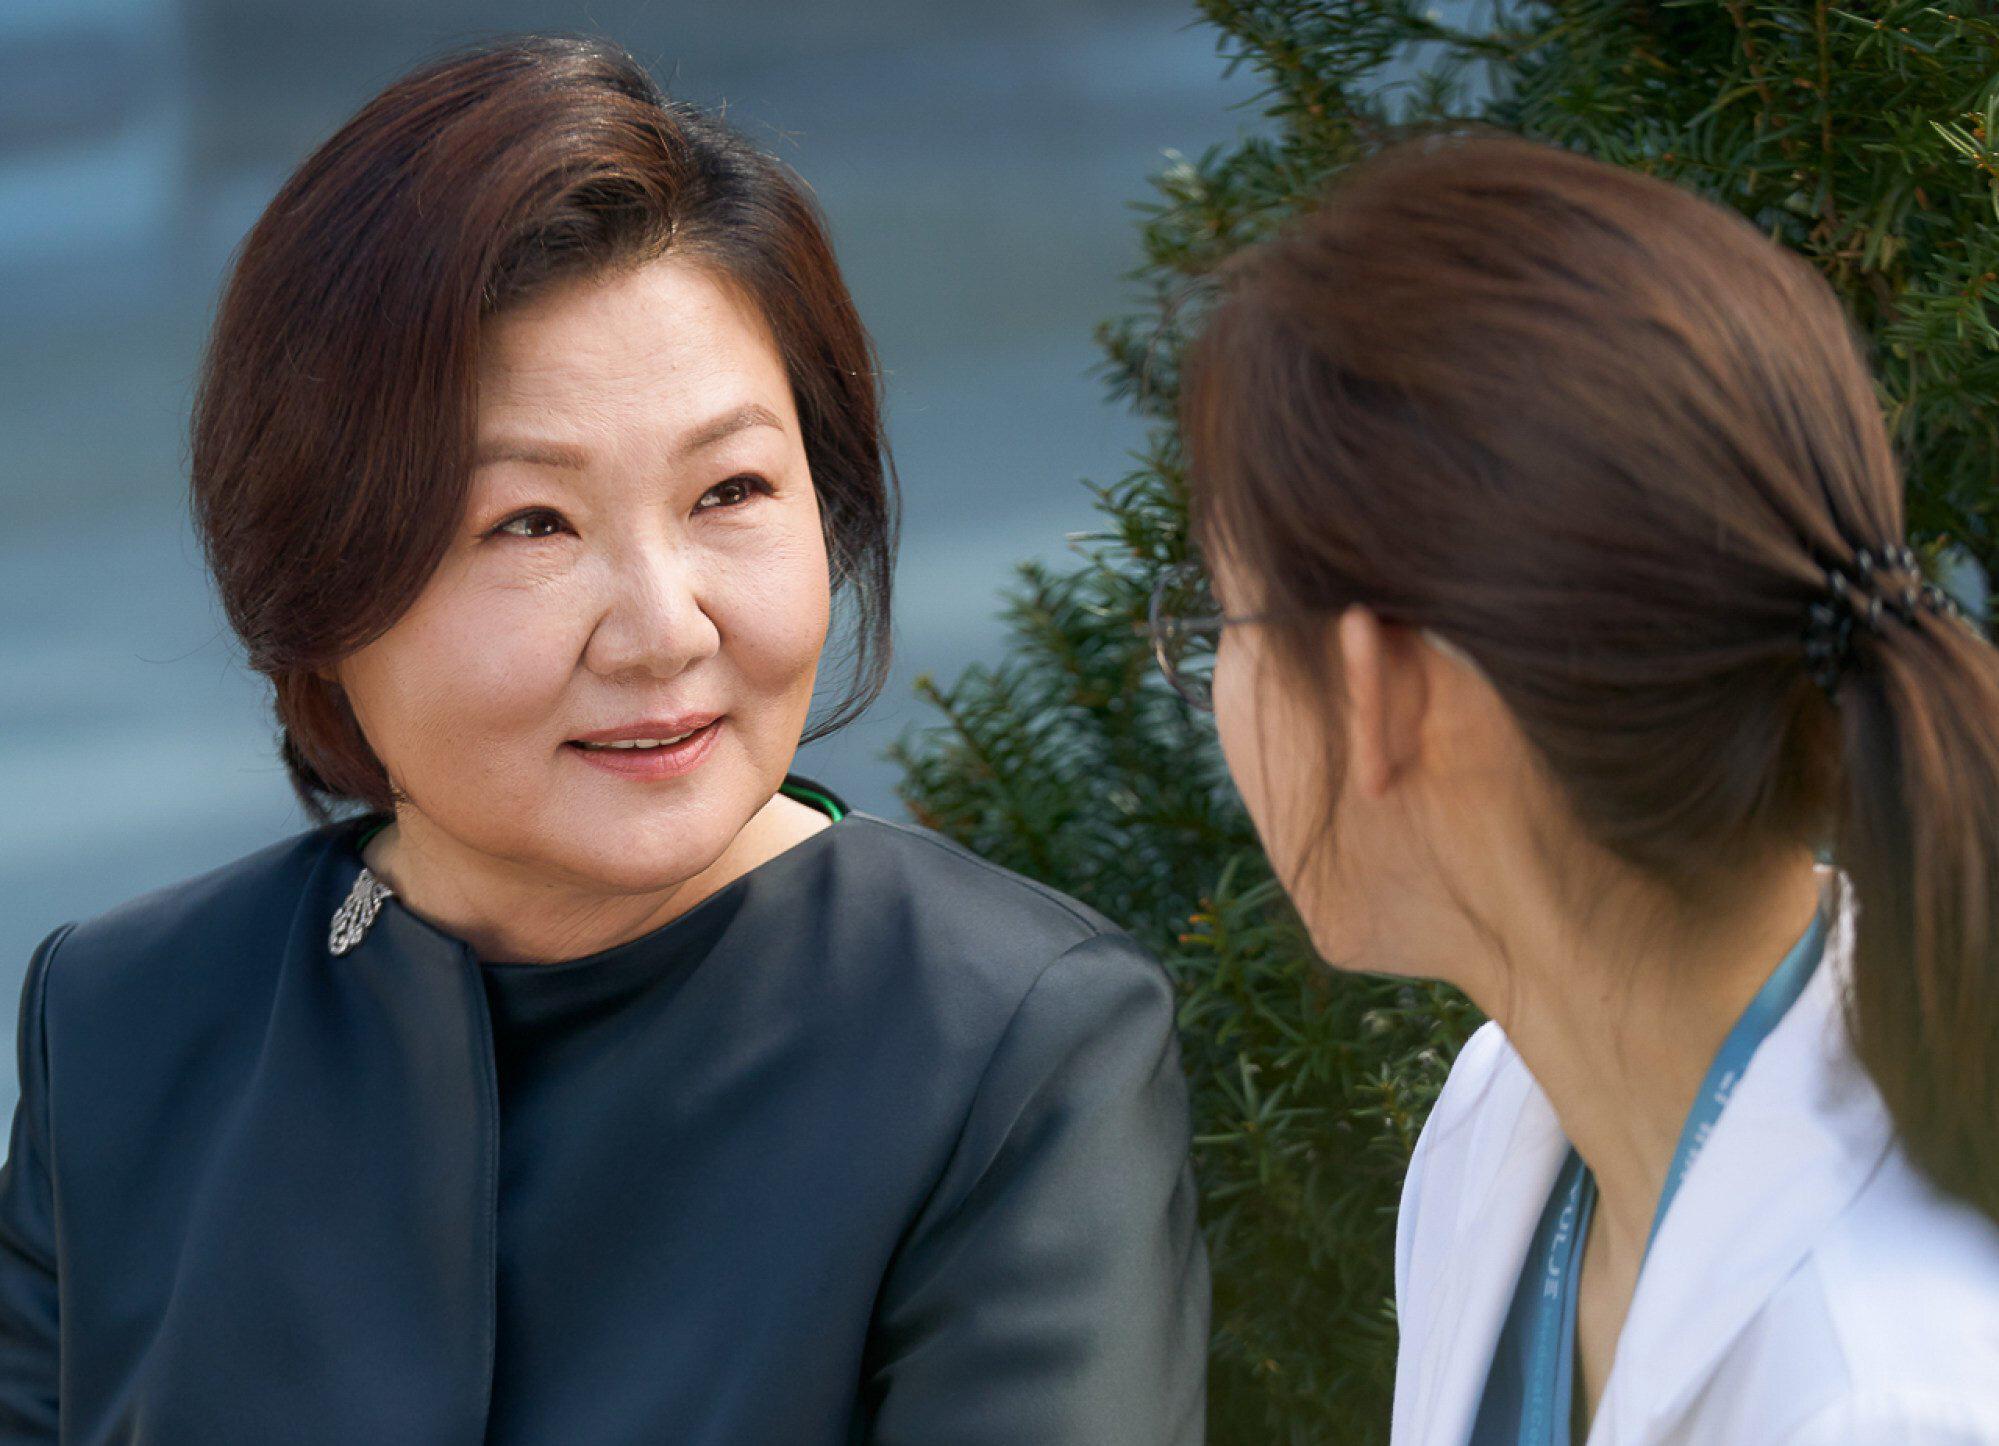 10 diễn viên chuyên vai phụ có sức ảnh hưởng bậc nhất Hàn Quốc - Ảnh 2.